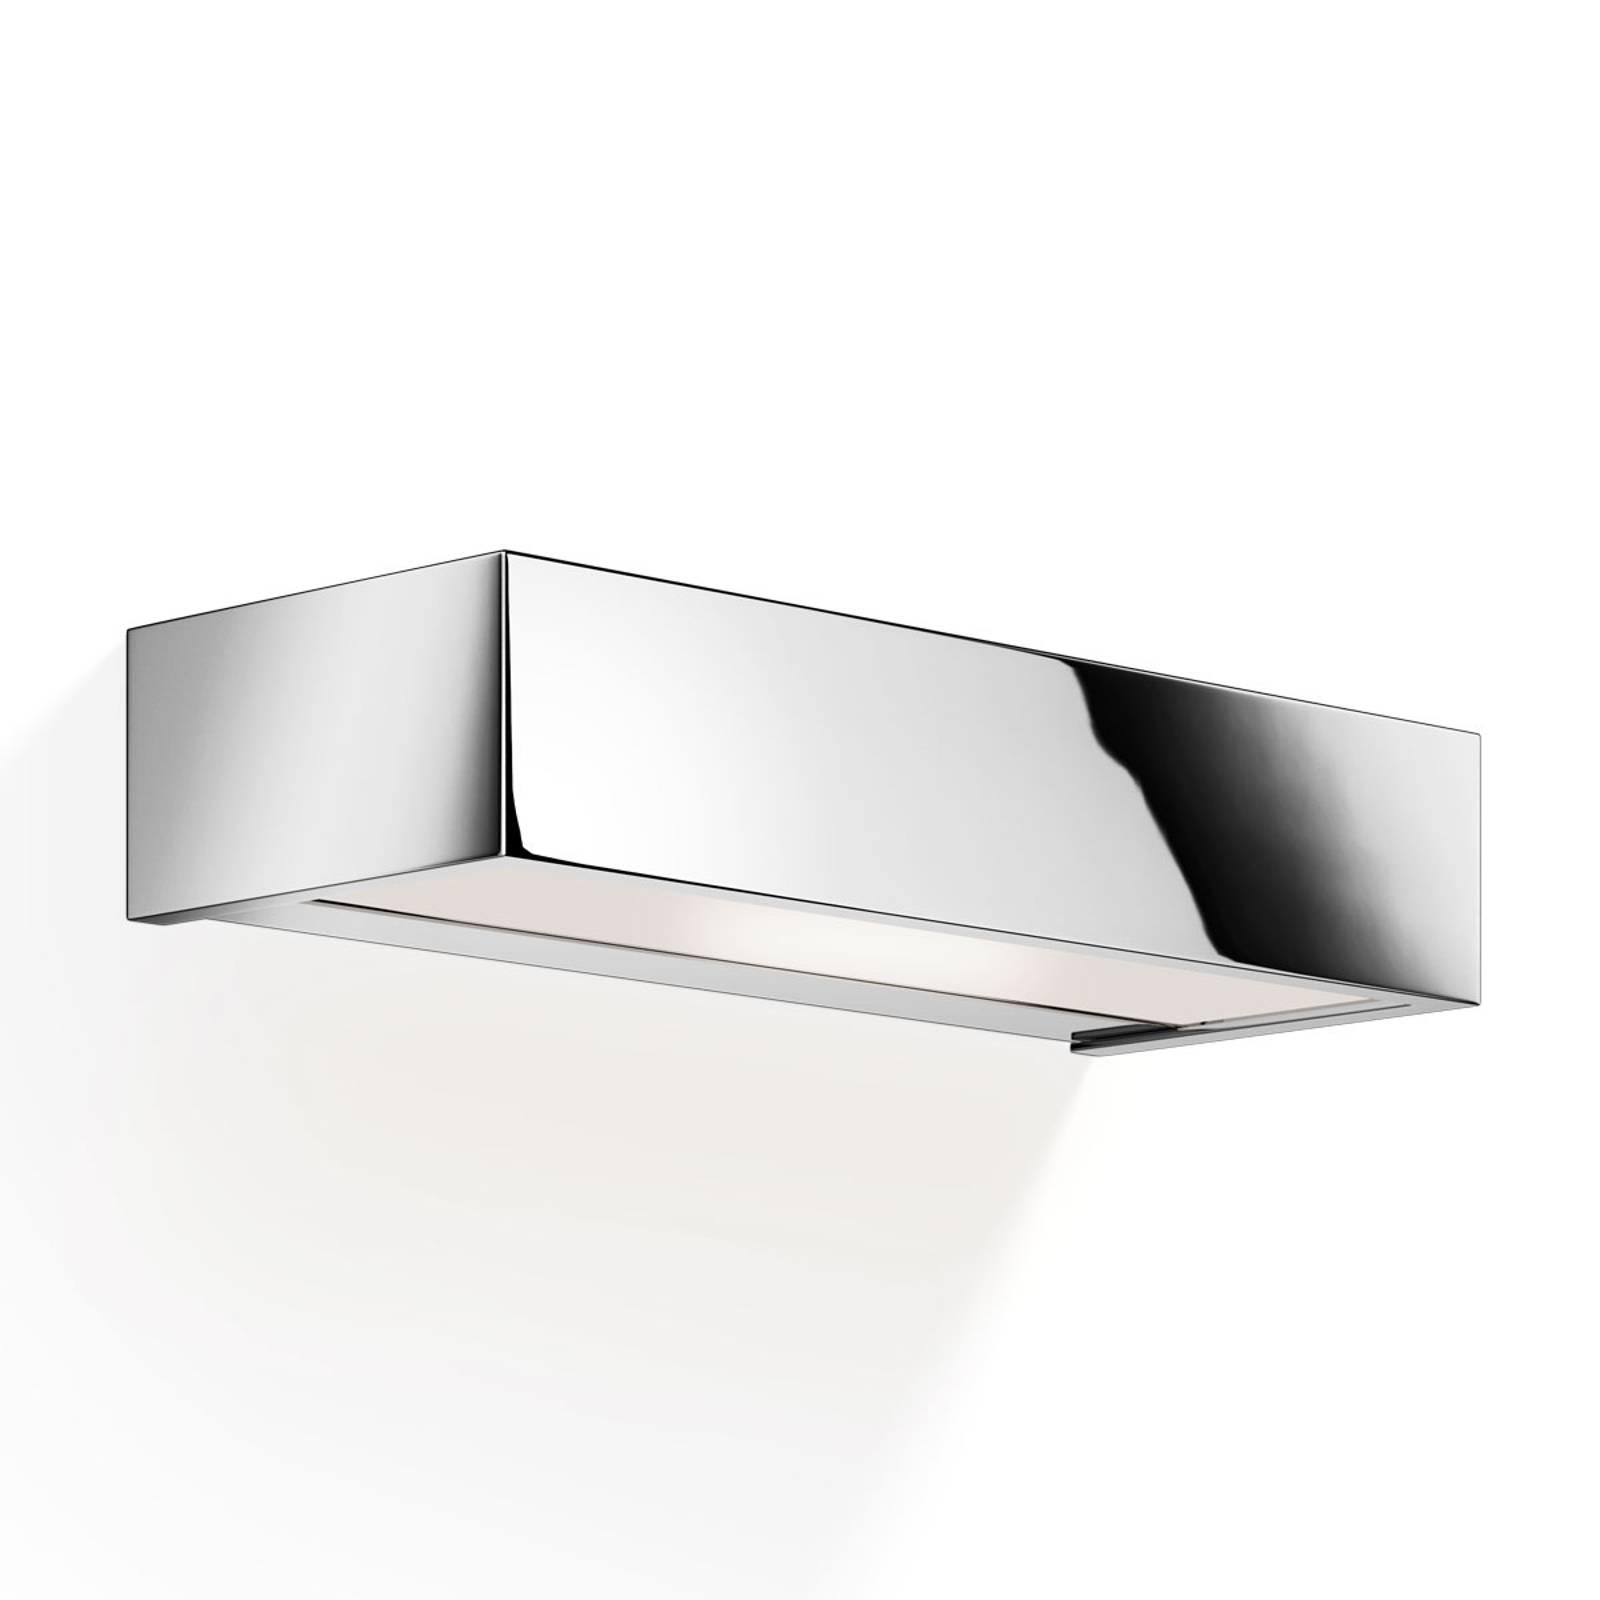 Decor Walther Box 25 wandlamp